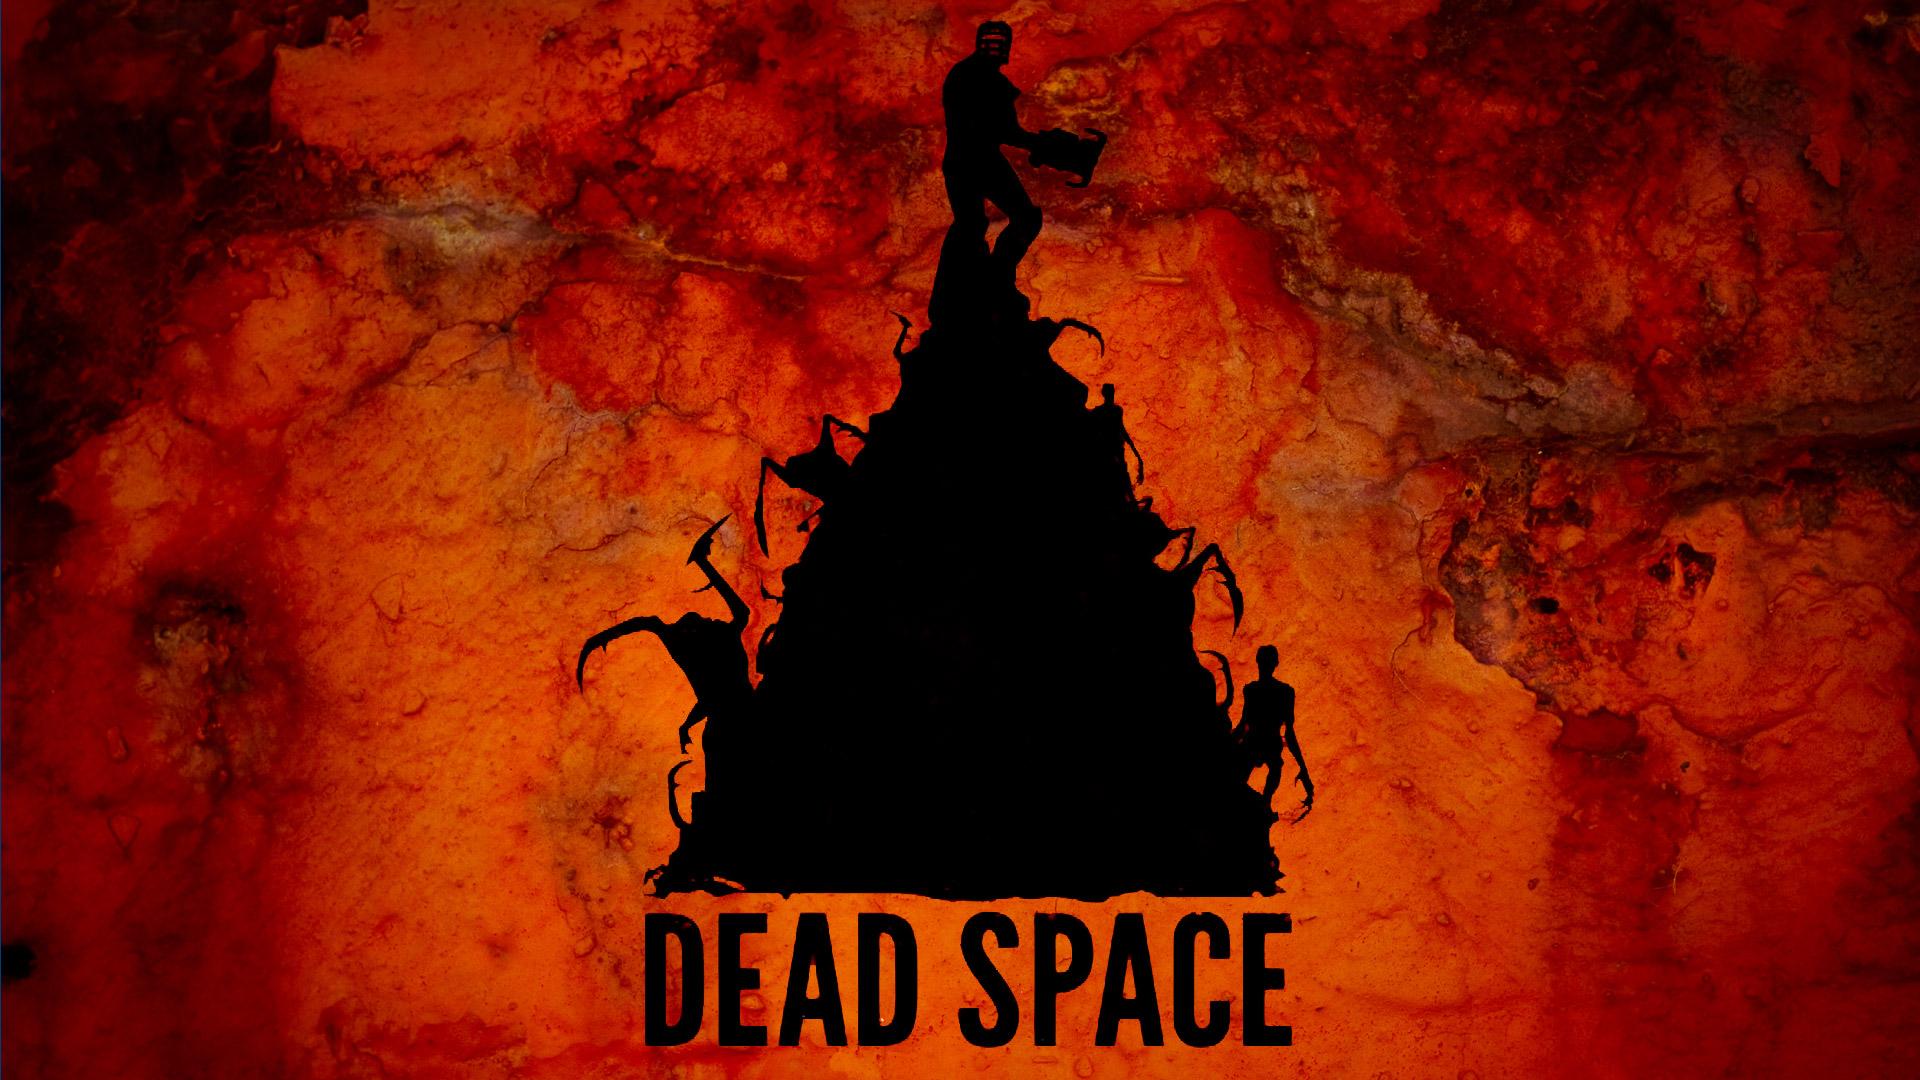 Dead Space Wallpaper in 1920x1080